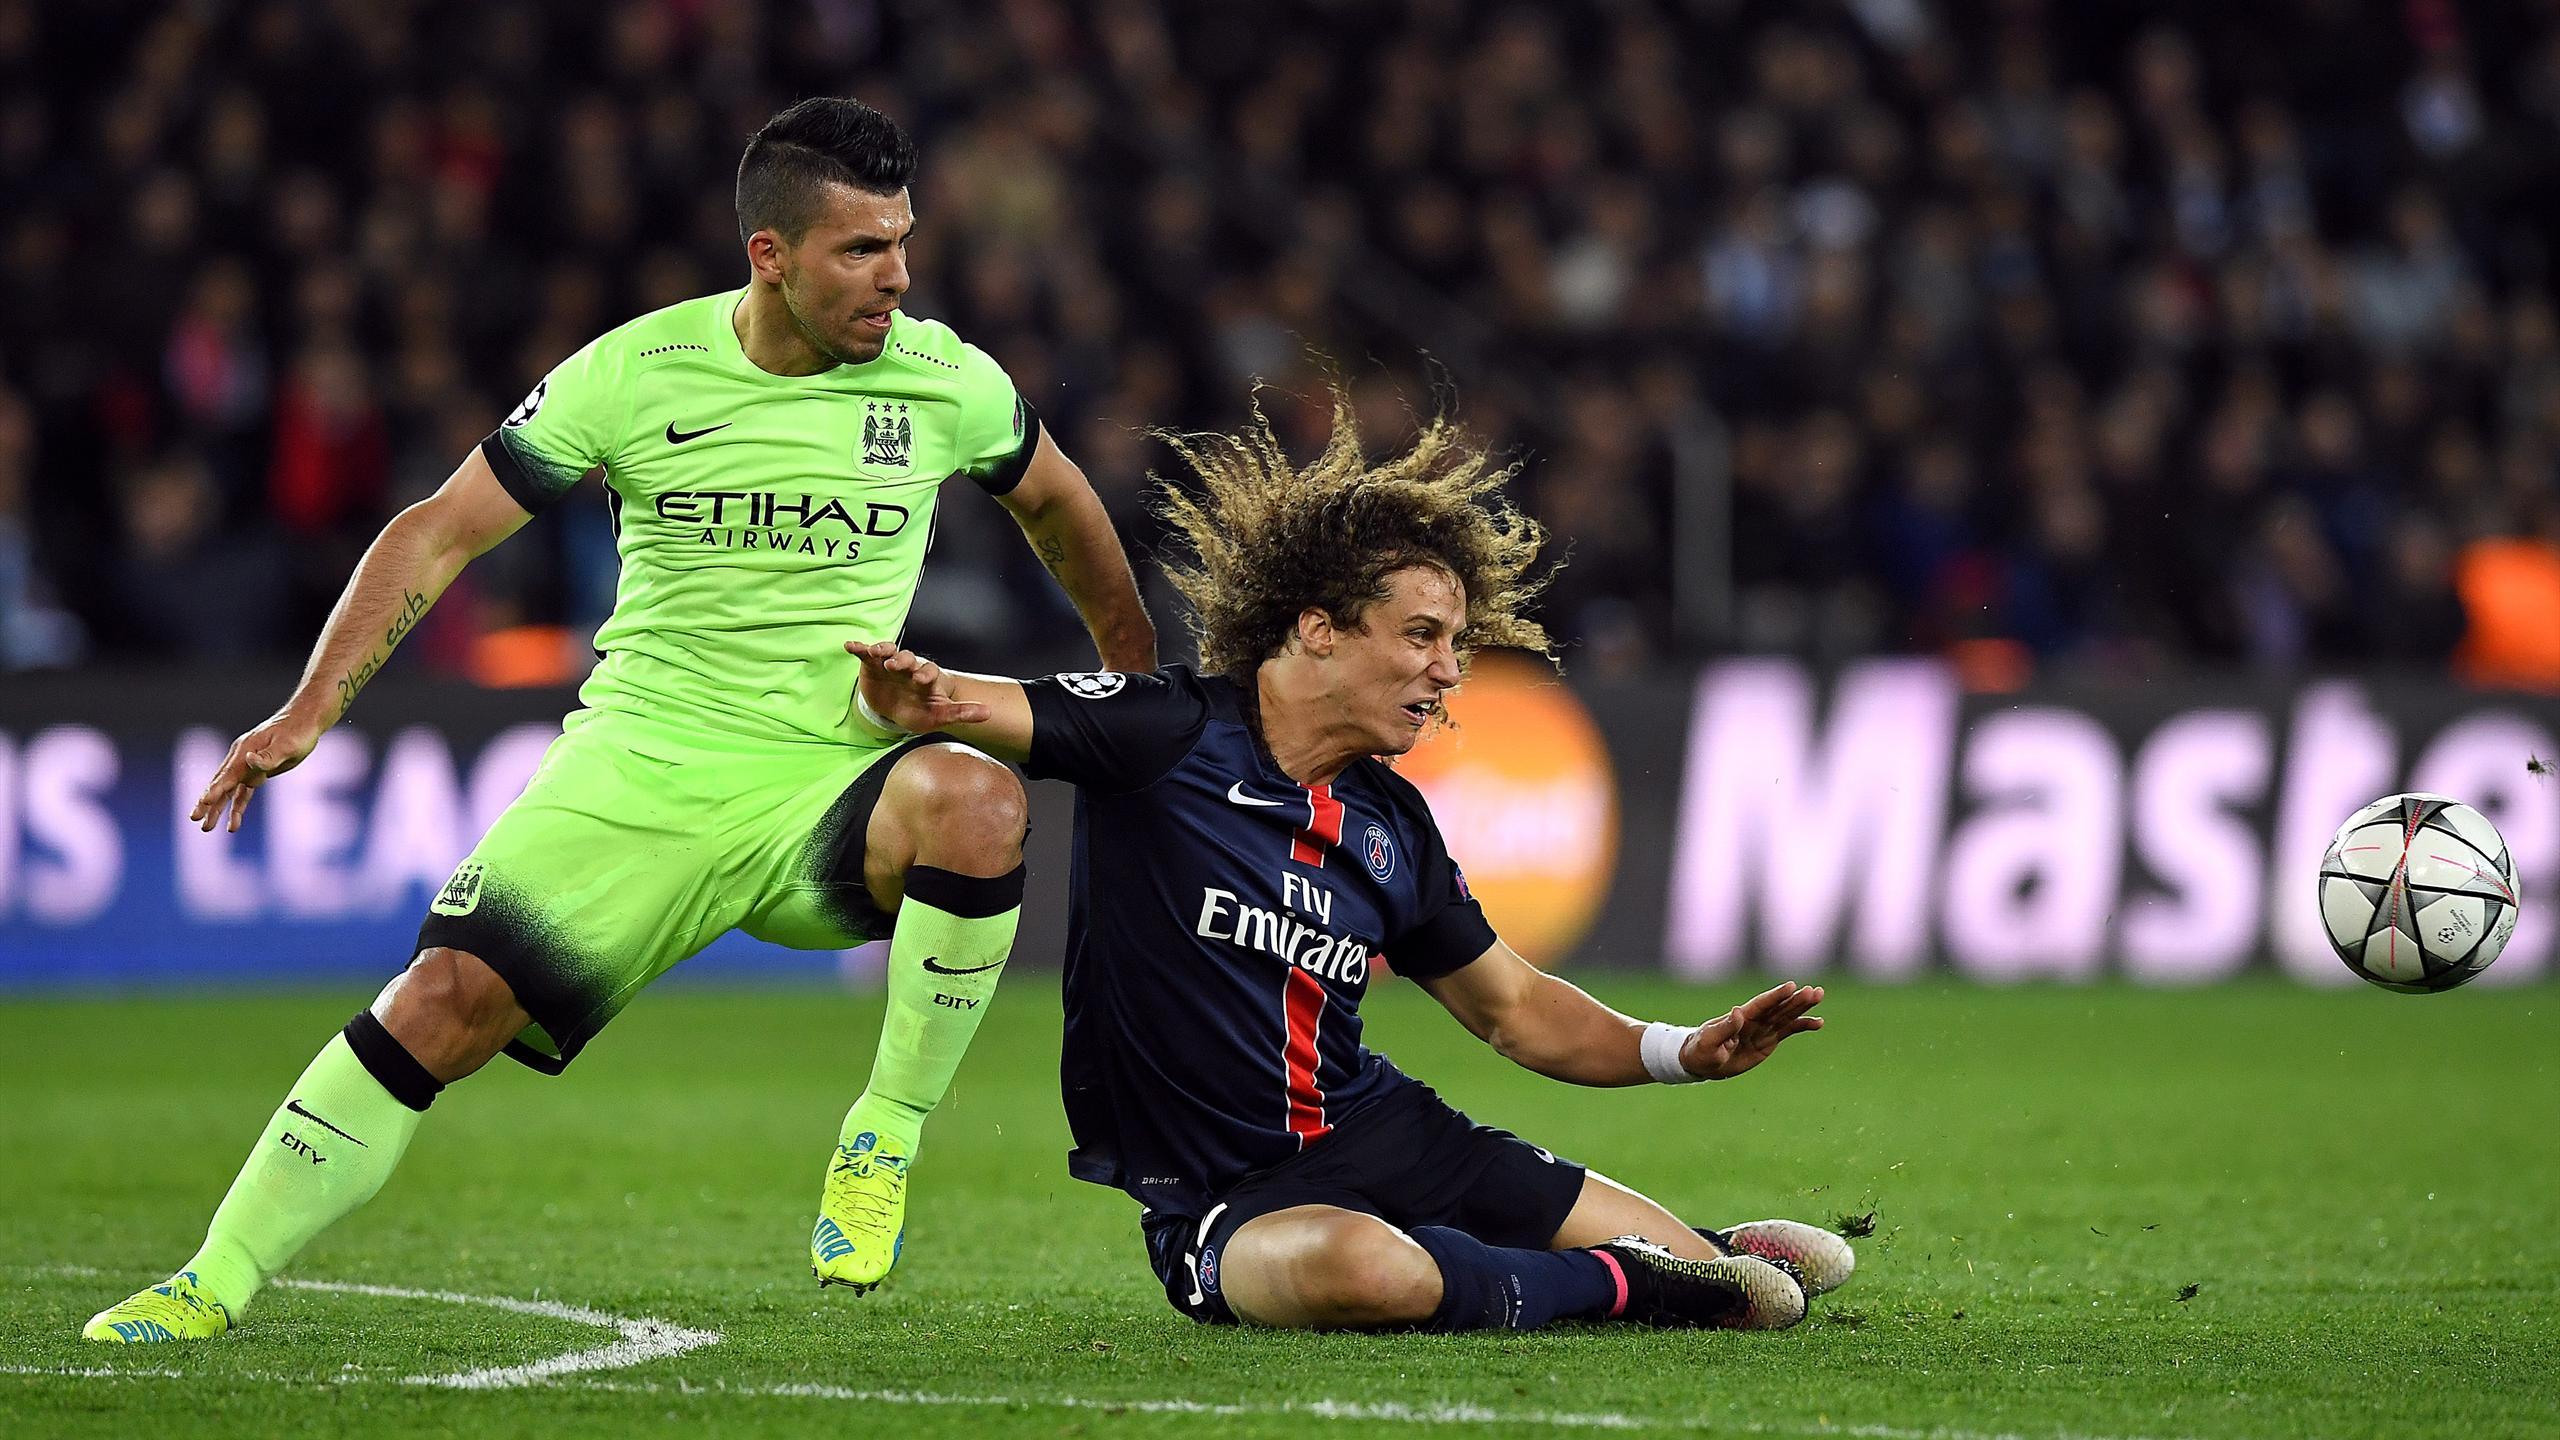 Kun Aguero (Manchester City) au duel face à David Luiz (PSG) en quart de finale de la Ligue des champions 2016